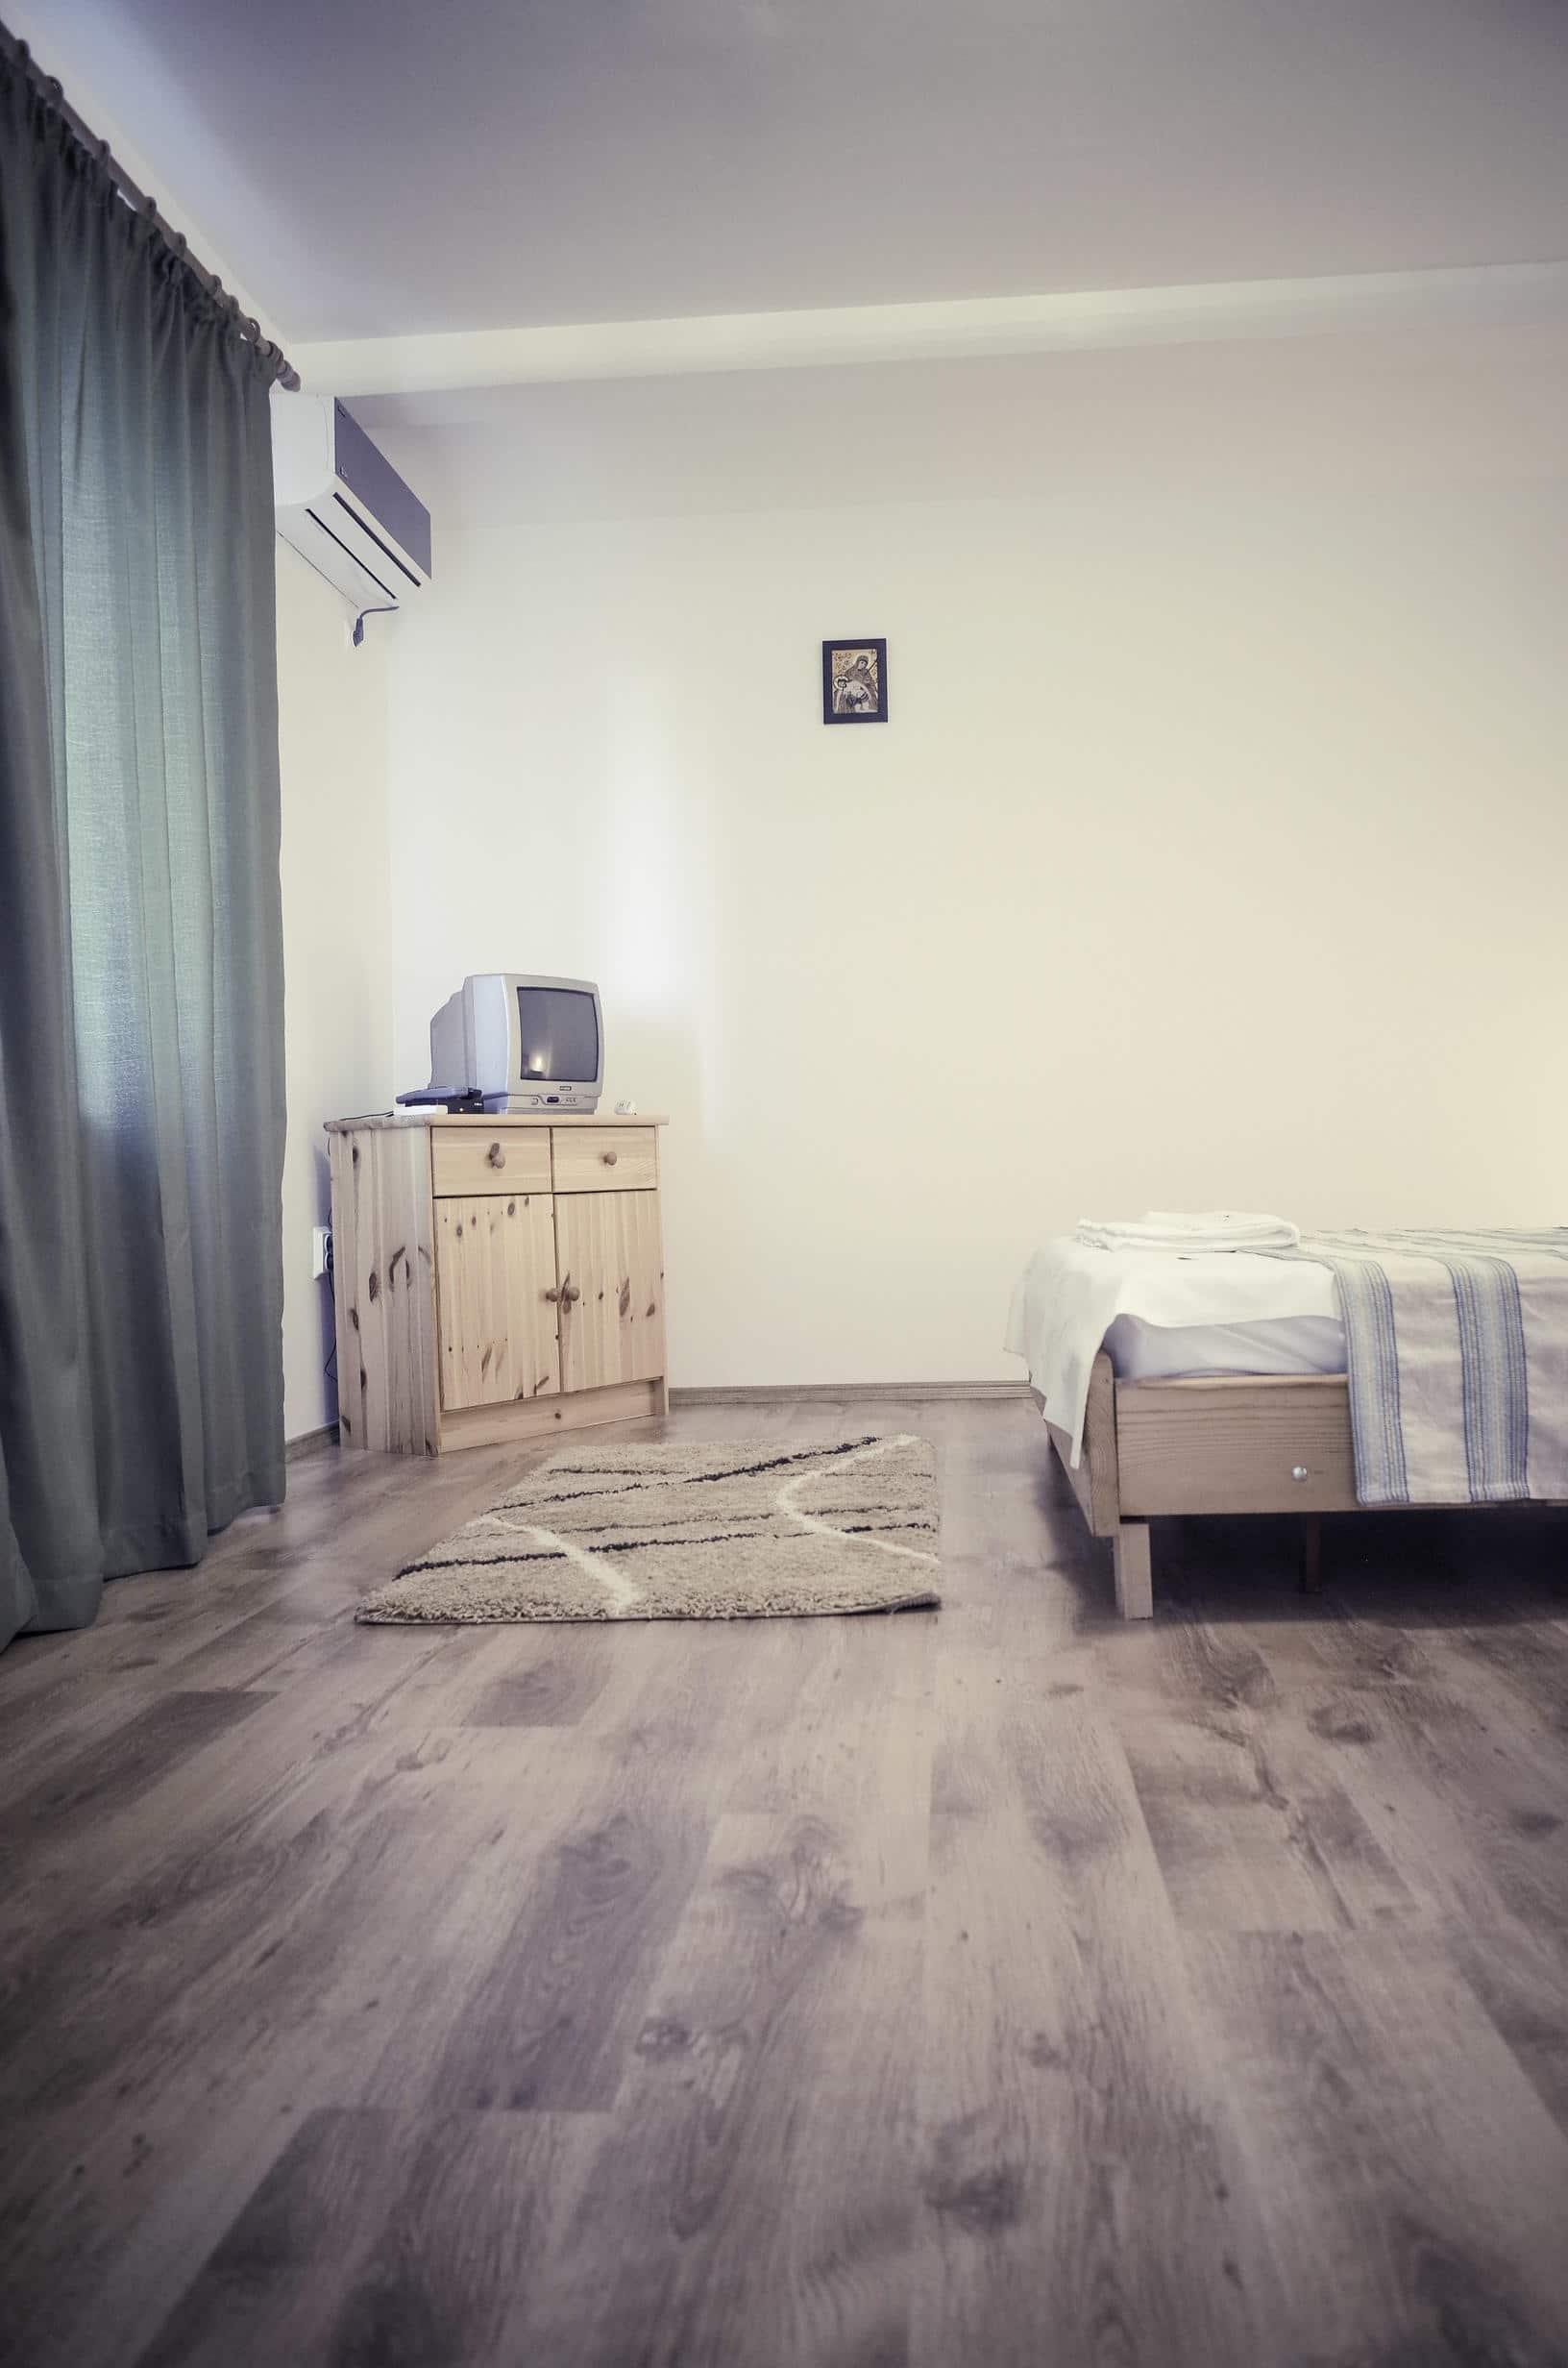 Room no. 6